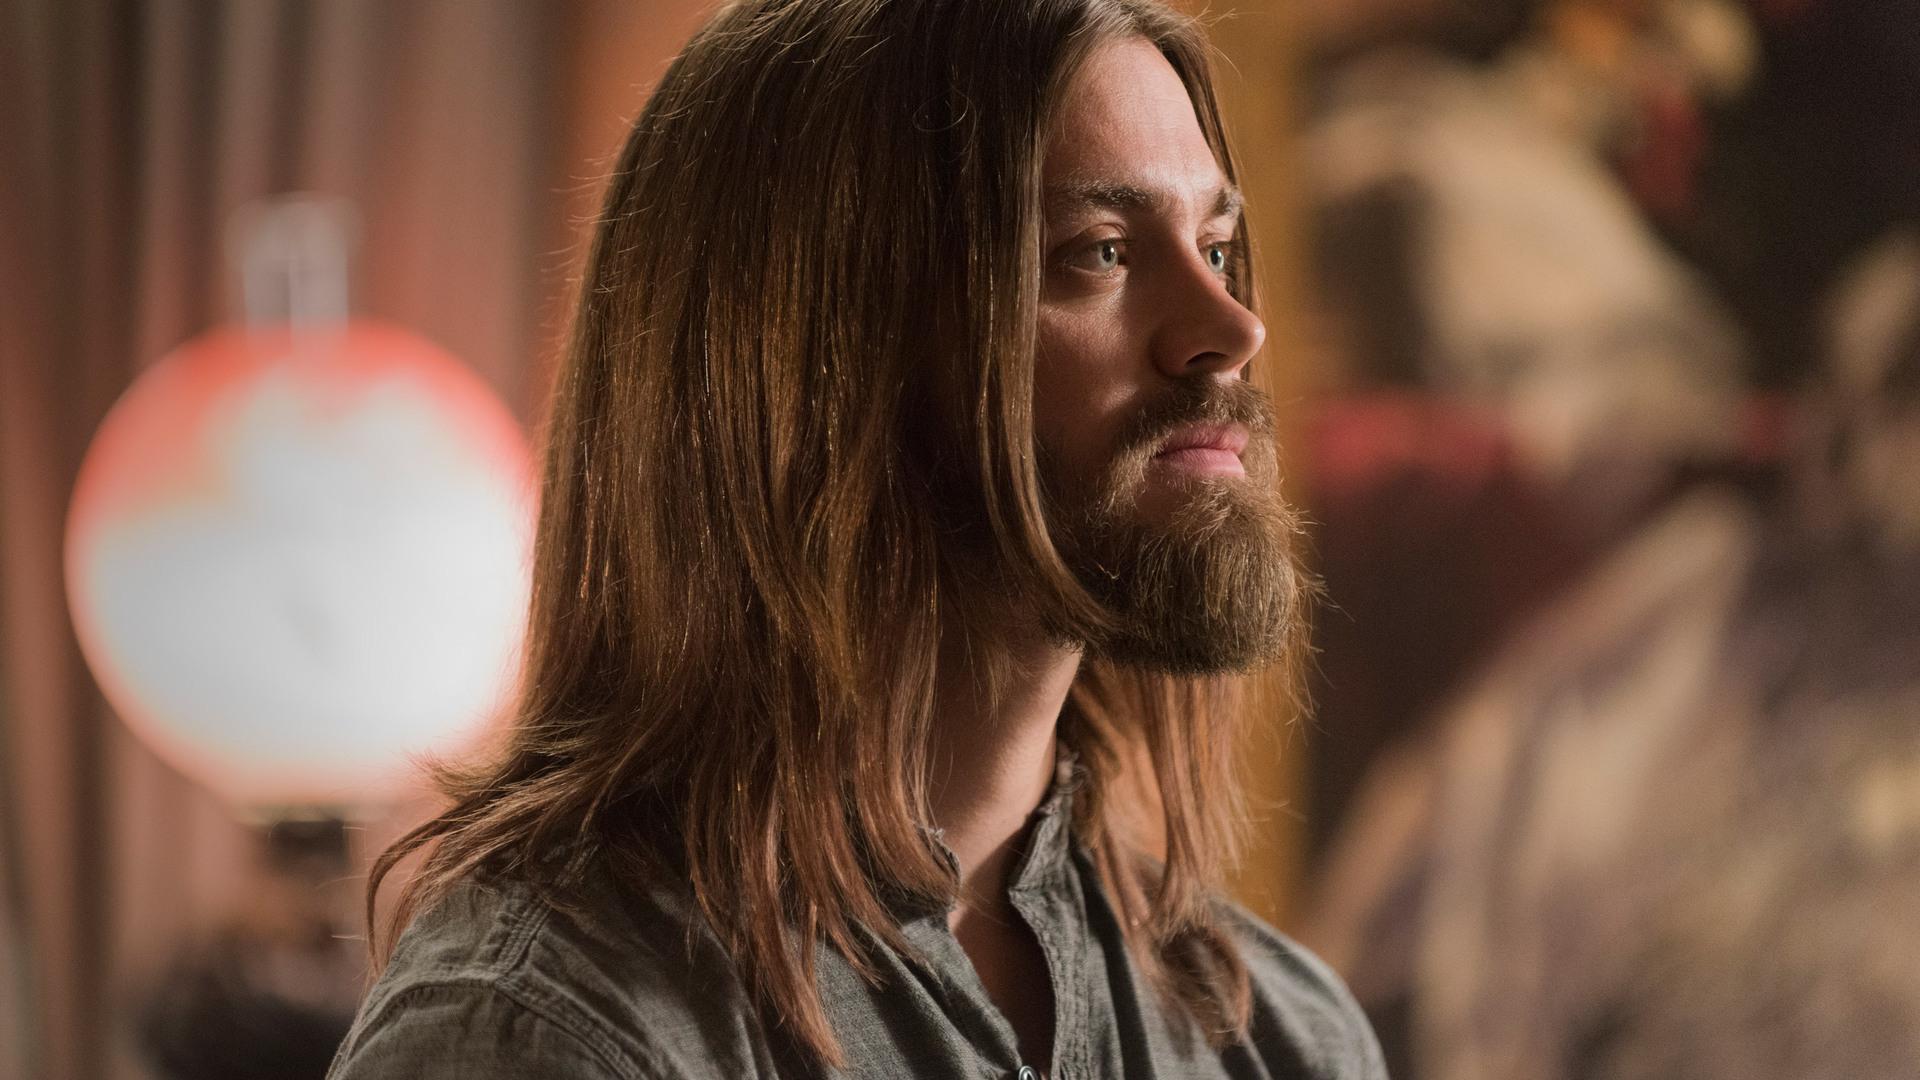 1920x1080 Jesus In The Walking Dead Season 8 Laptop Full Hd